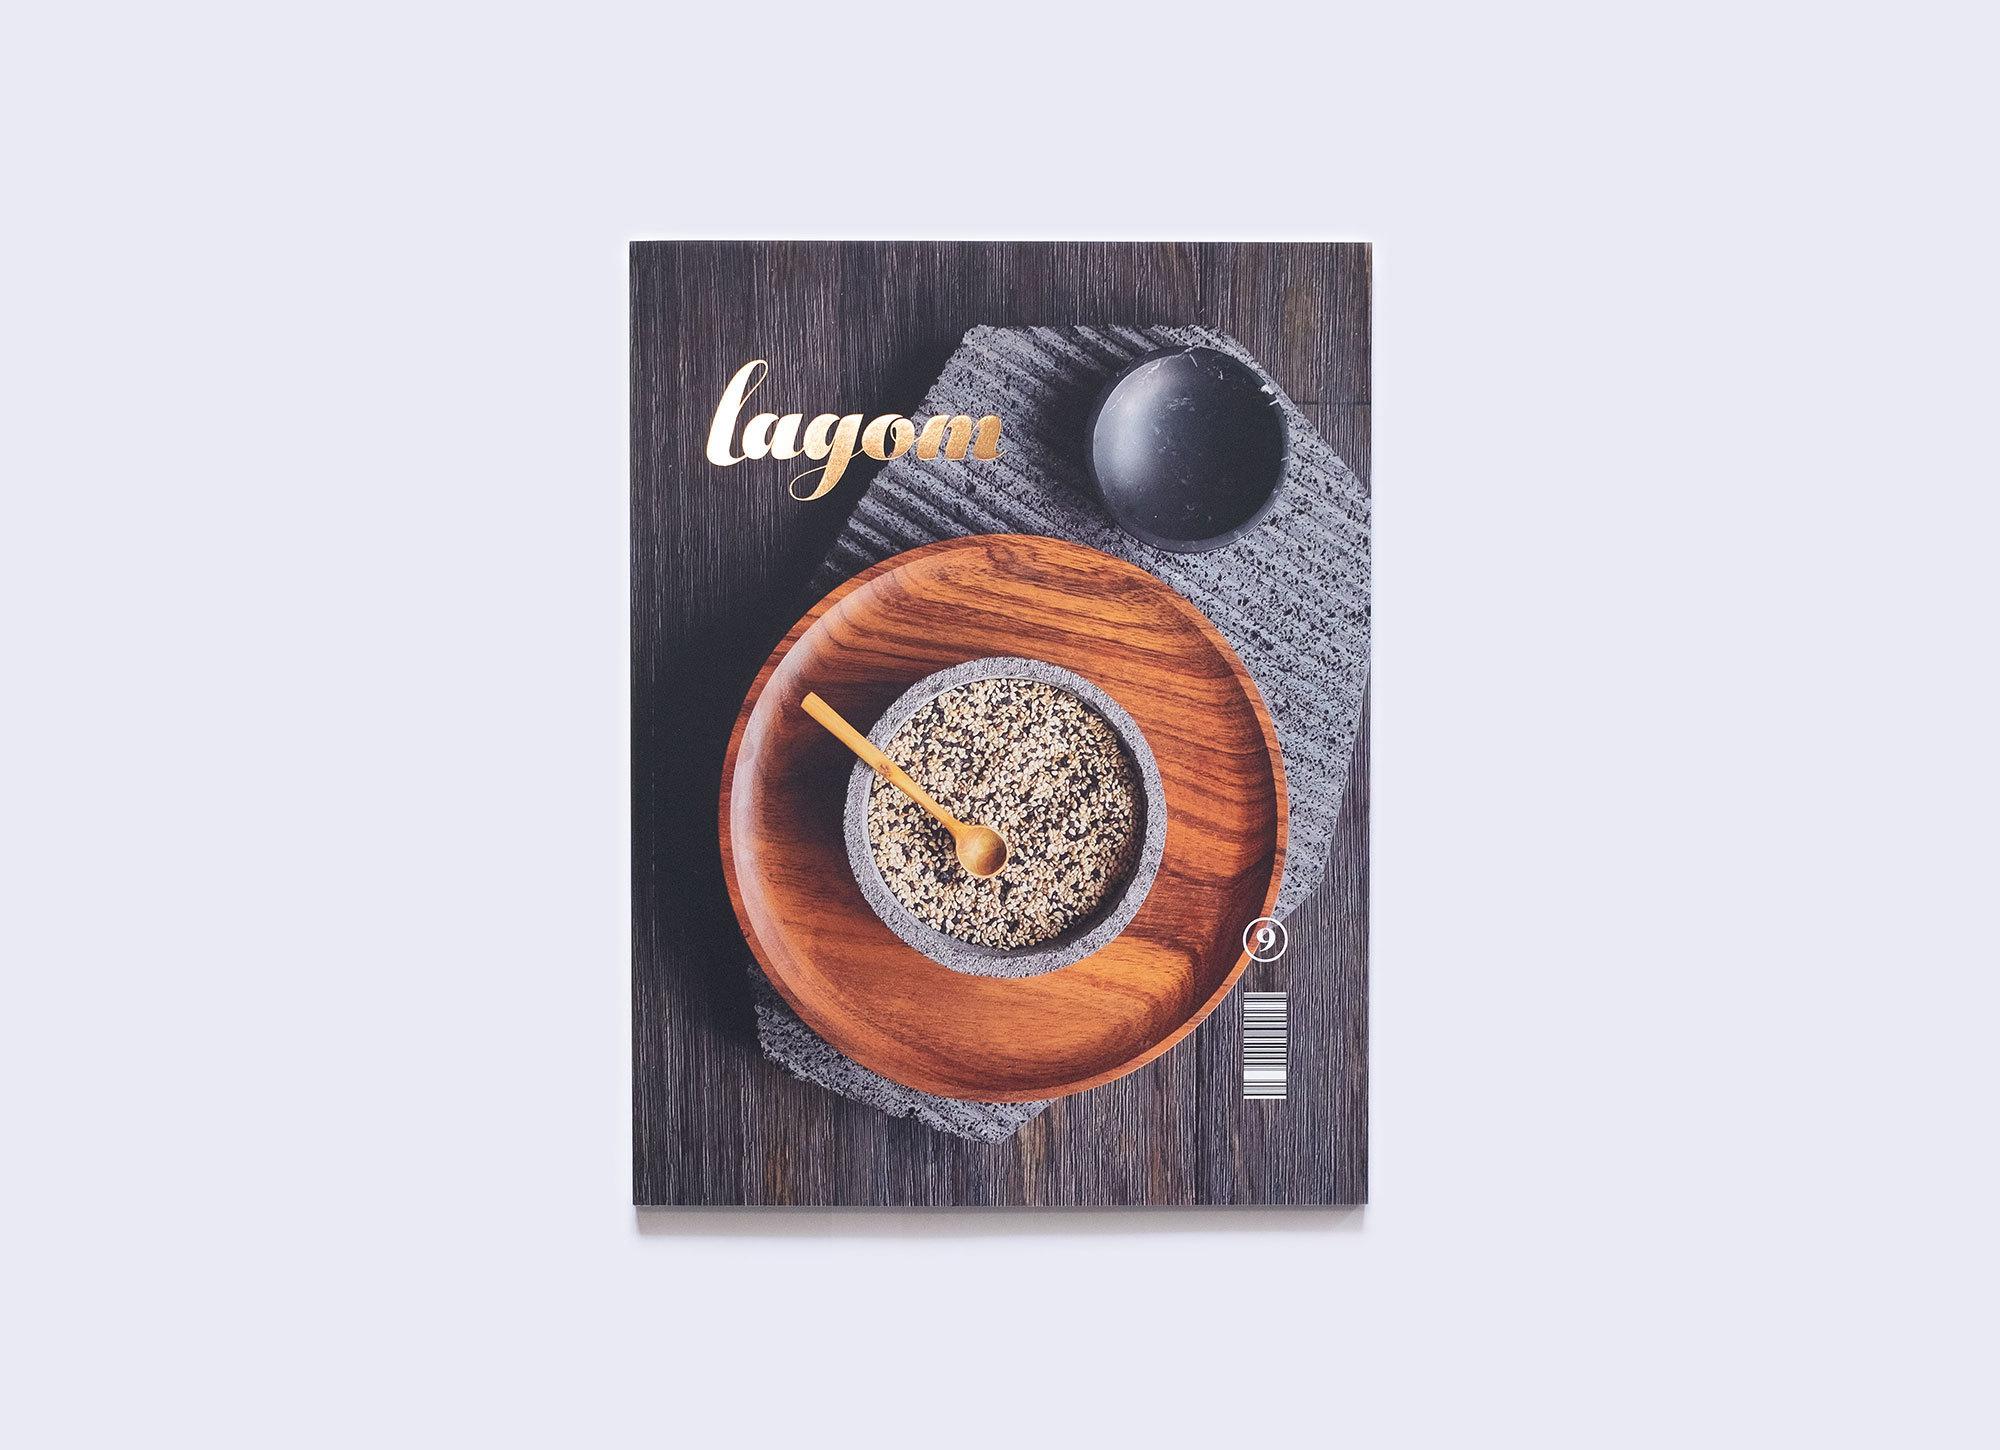 Lagom 9 Cover